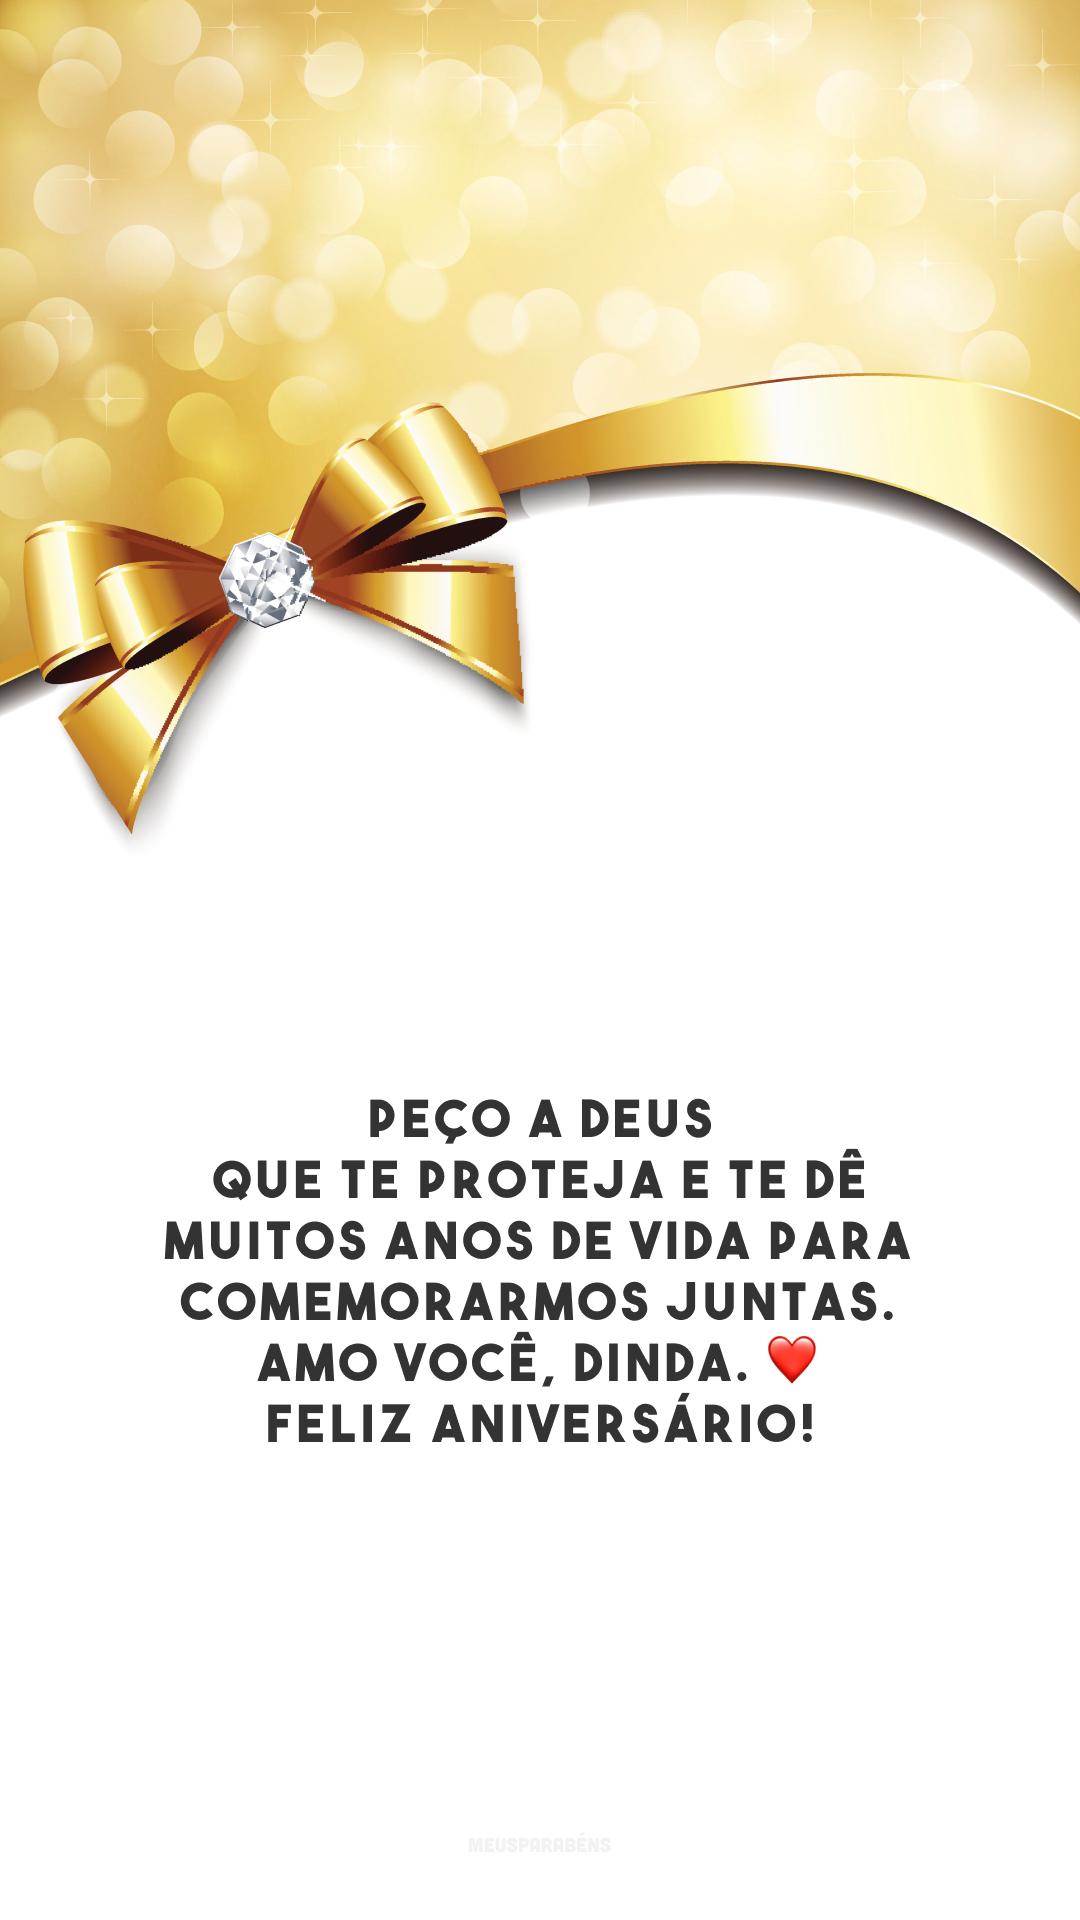 Peço a Deus que te proteja e te dê muitos anos de vida para comemorarmos juntas. Amo você, dinda. ❤️ Feliz aniversário!